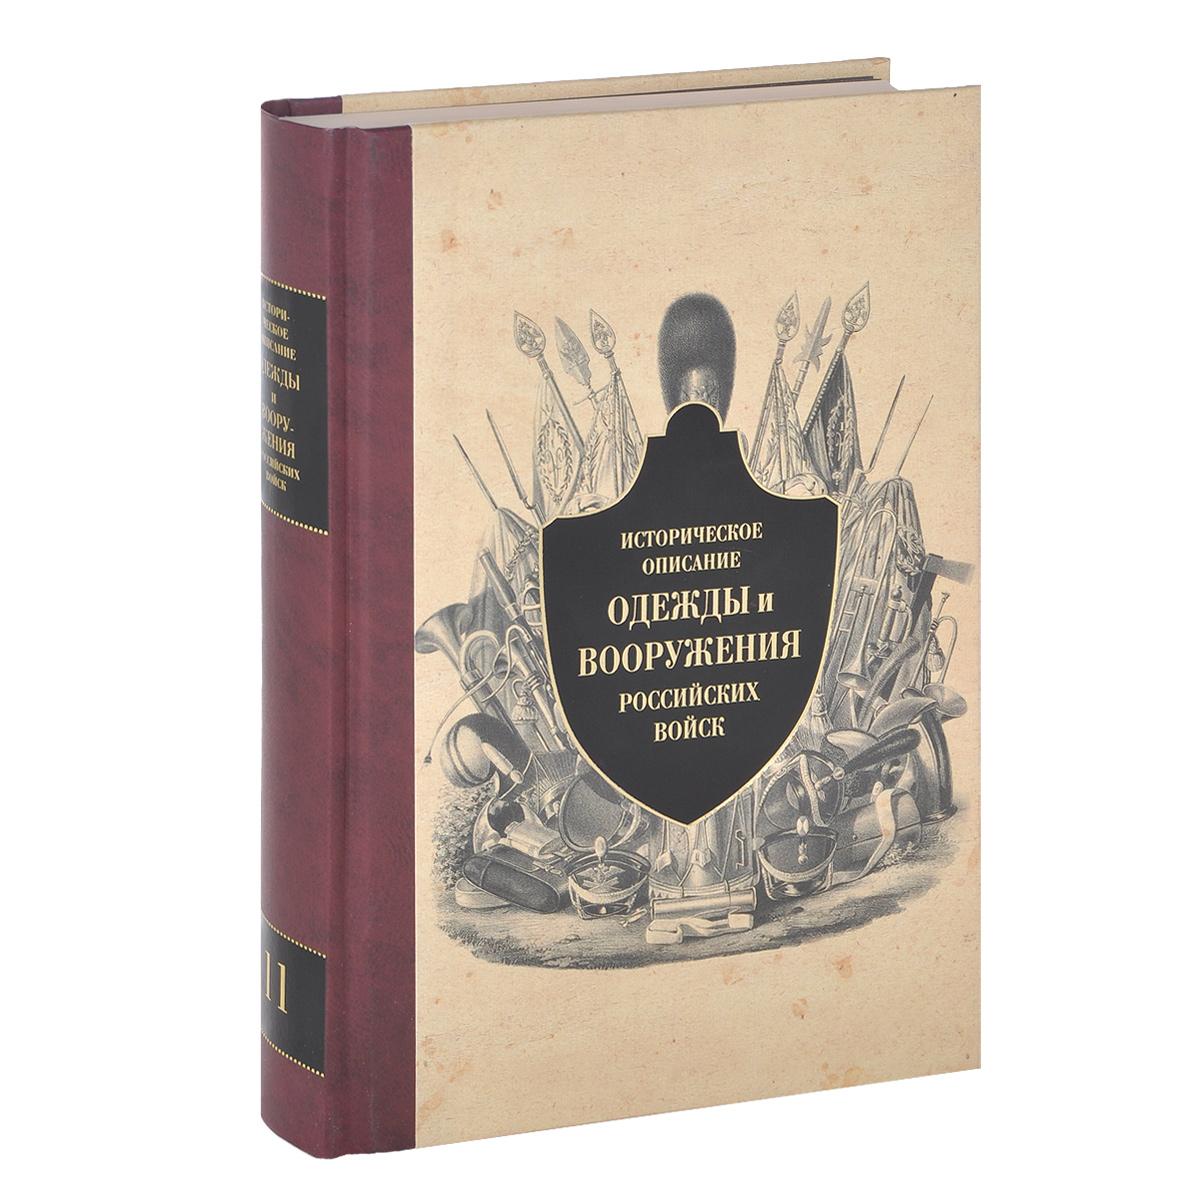 Историческое описание одежды и вооружения российских войск. Часть 11